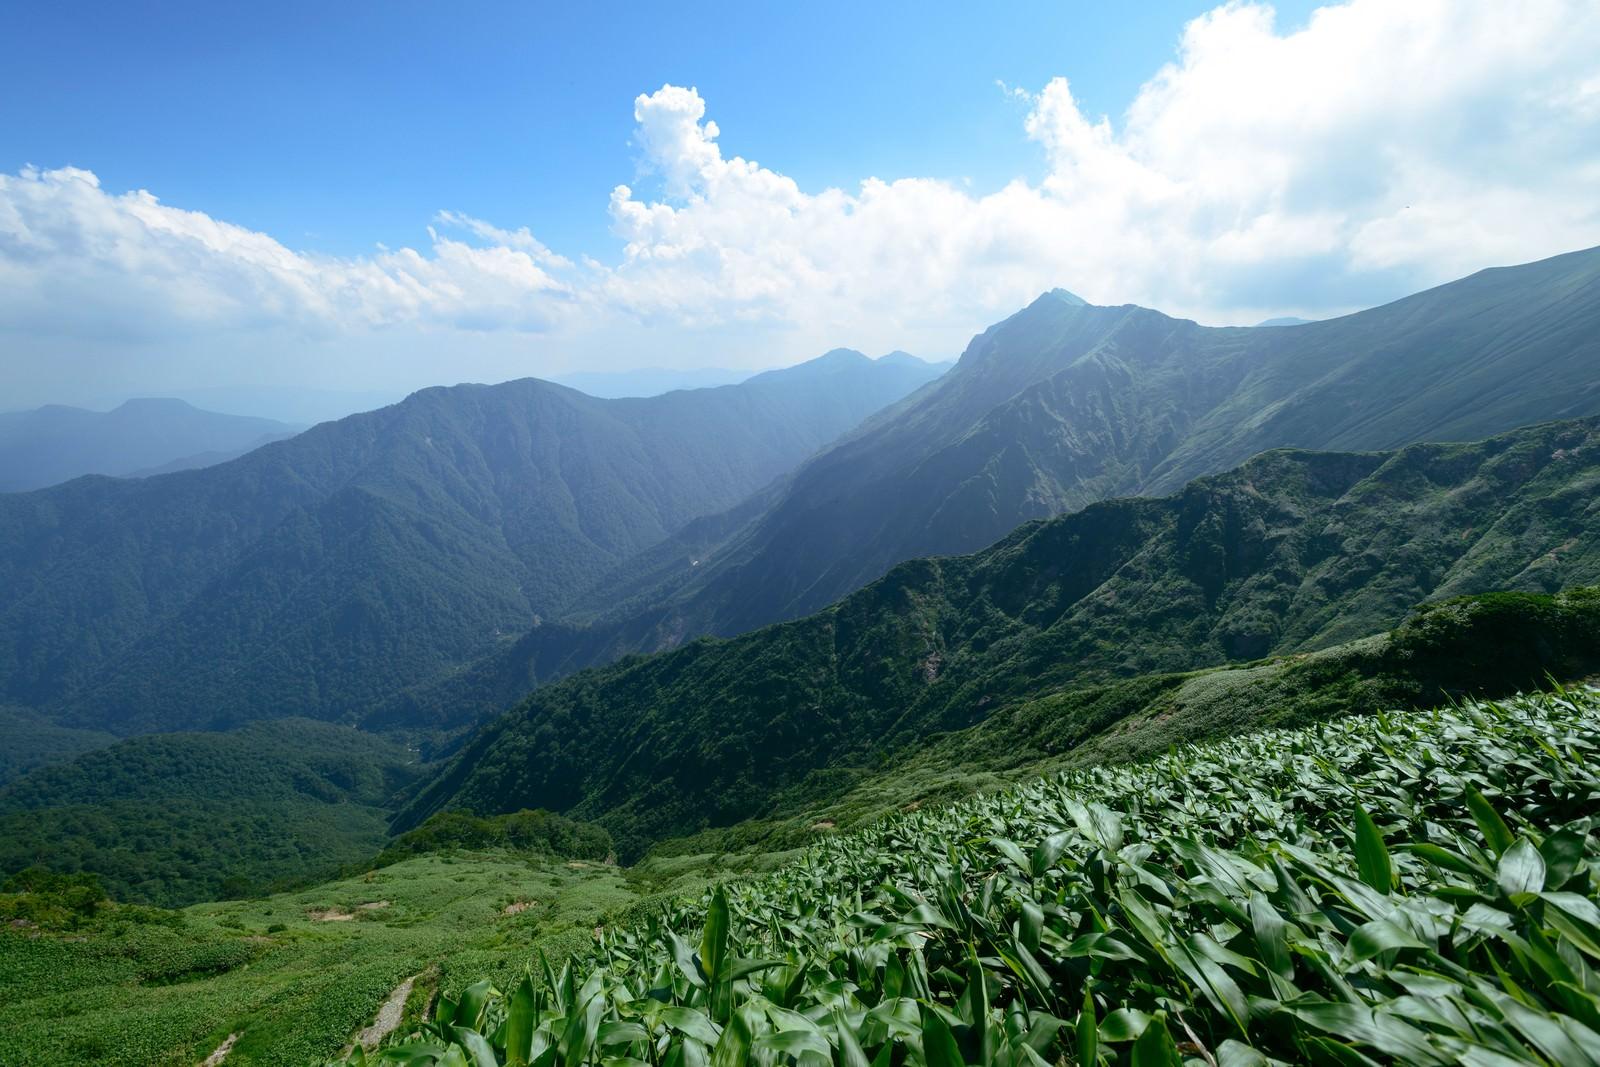 「太平洋へ続く登山道から望む渓谷」の写真